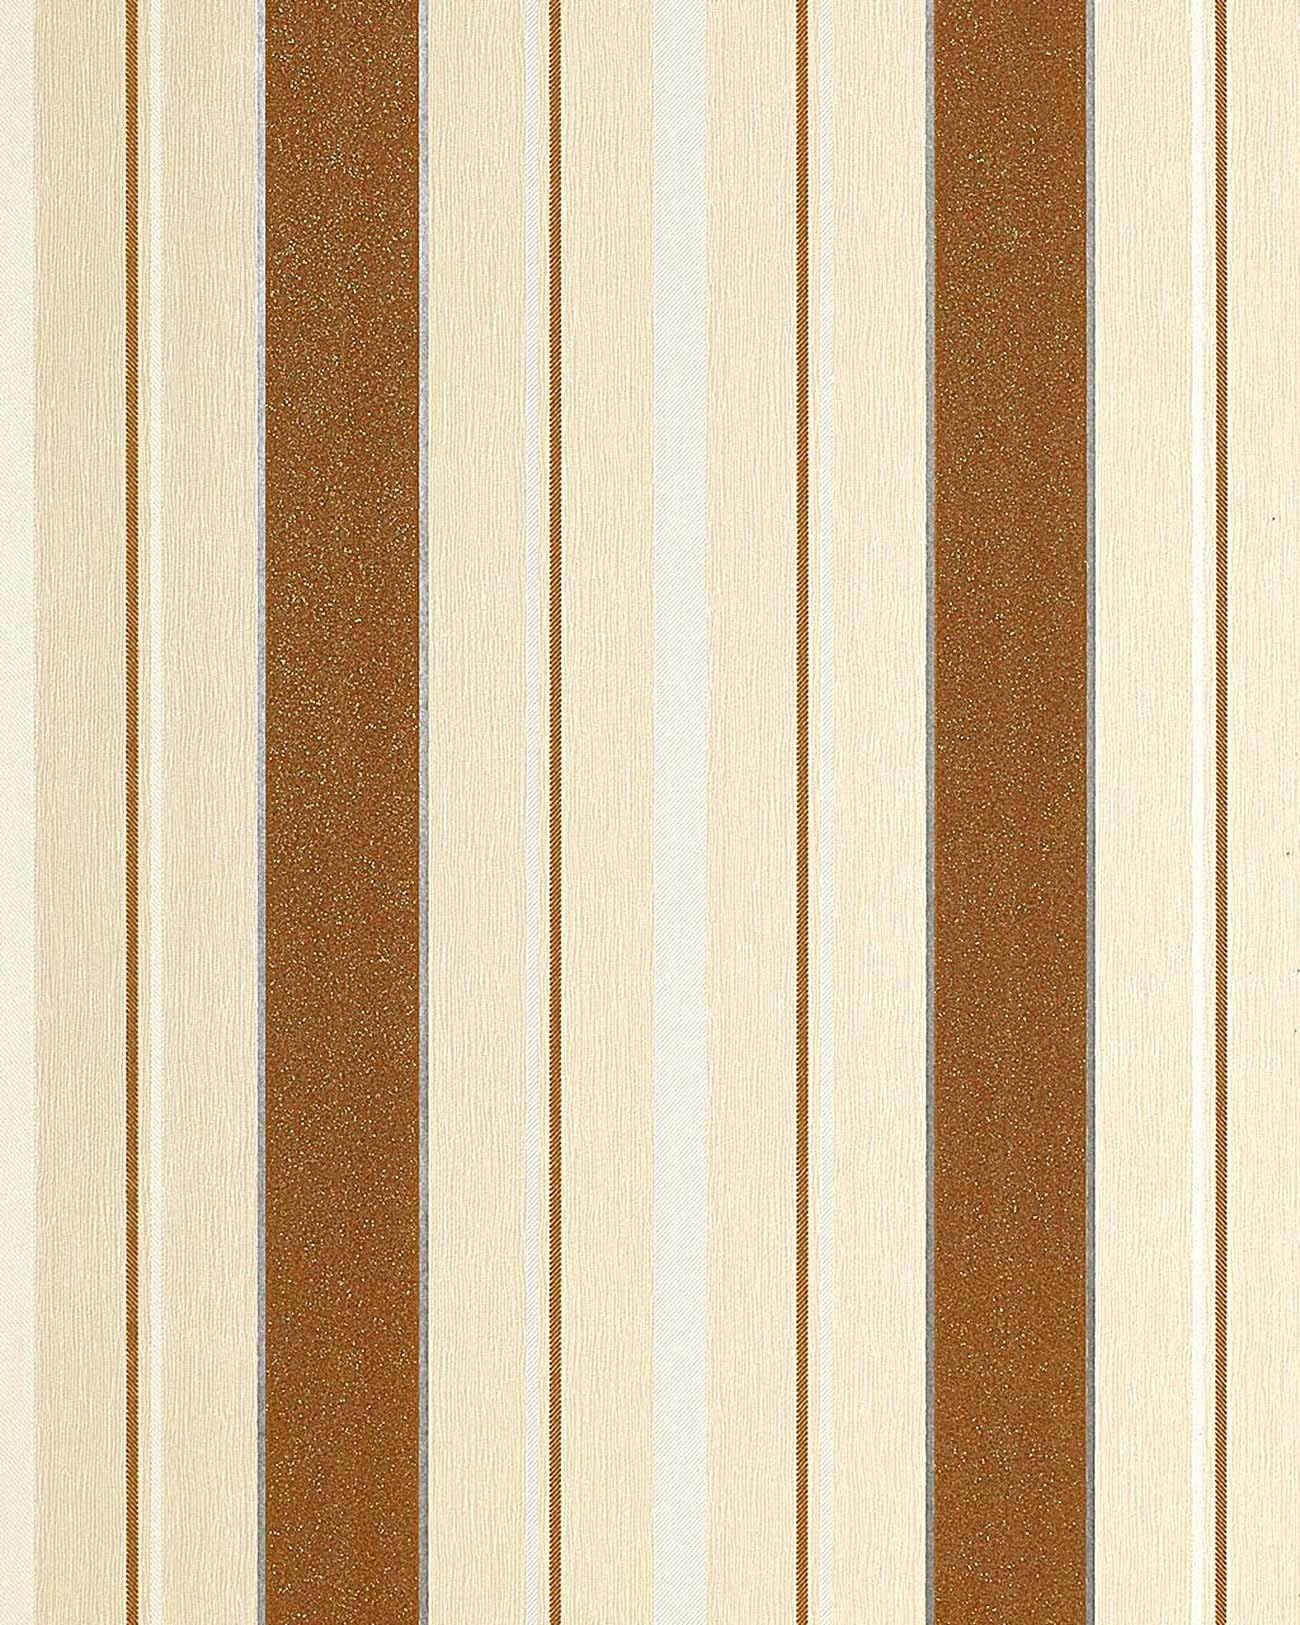 Carta da parati a righe con disegno a strisce edem 069 21 for Carta parati strisce